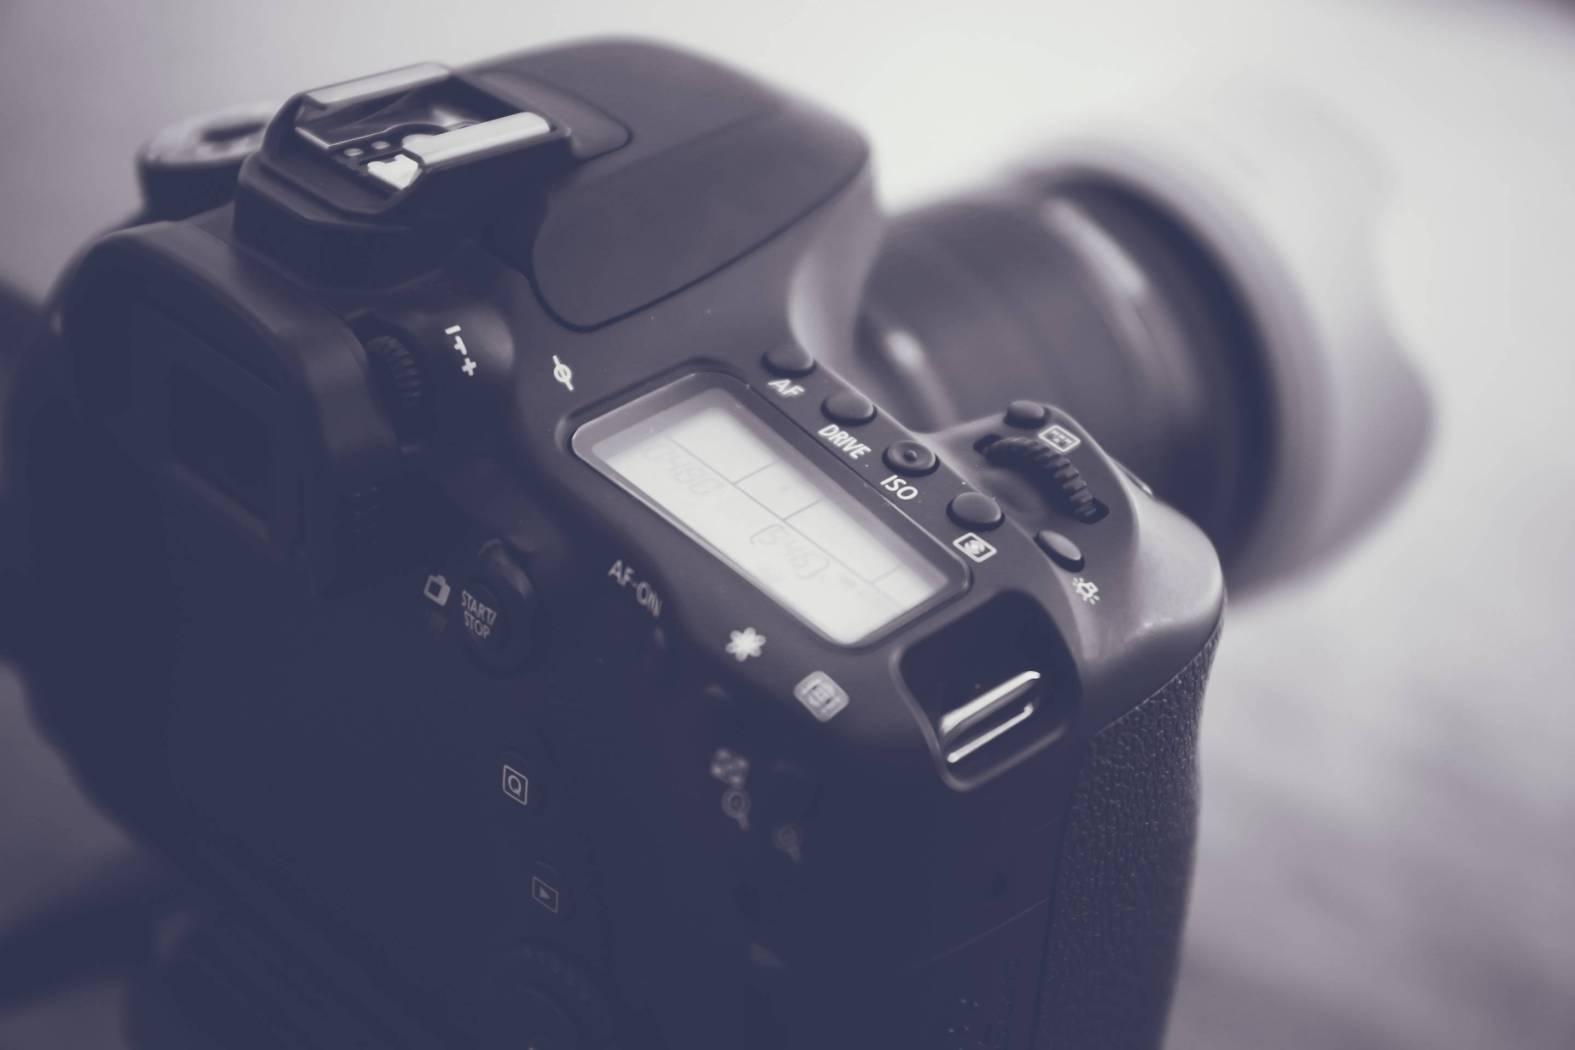 نصائح قبل شراء كاميرا مستعملة من المالك